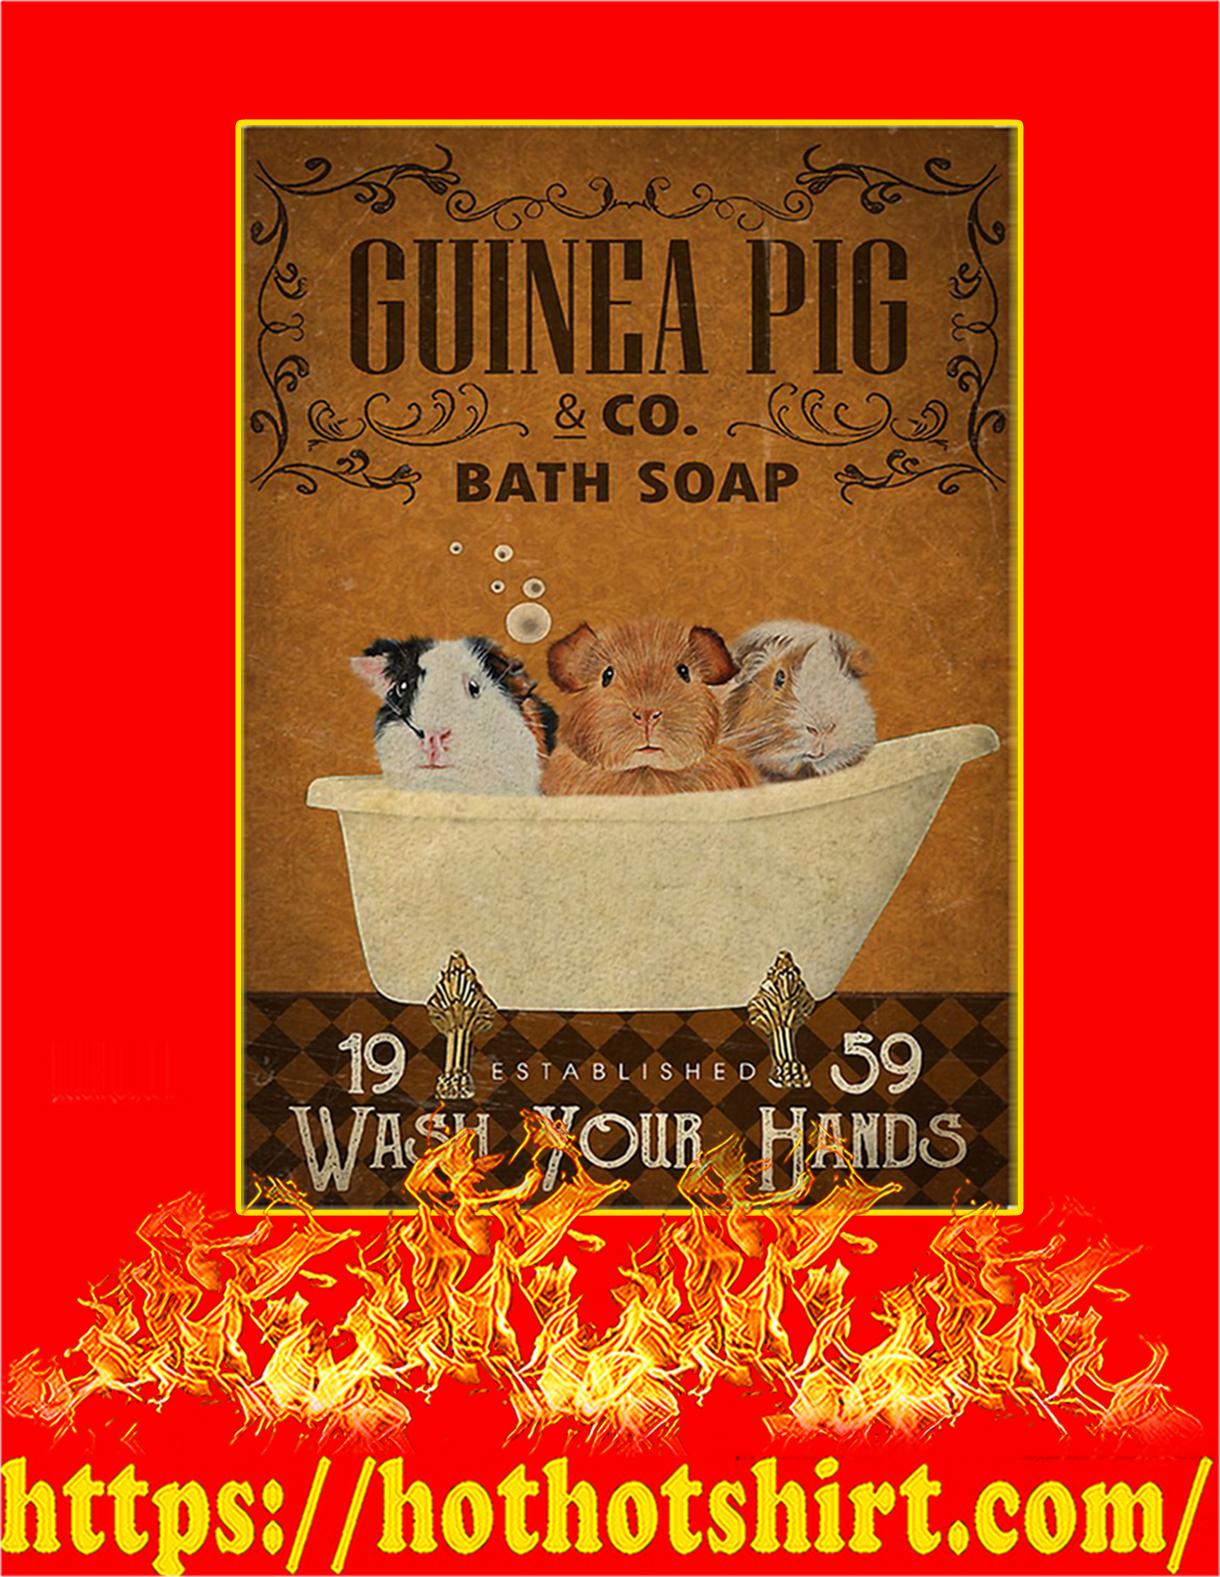 Guinea pig bath soap poster - A2